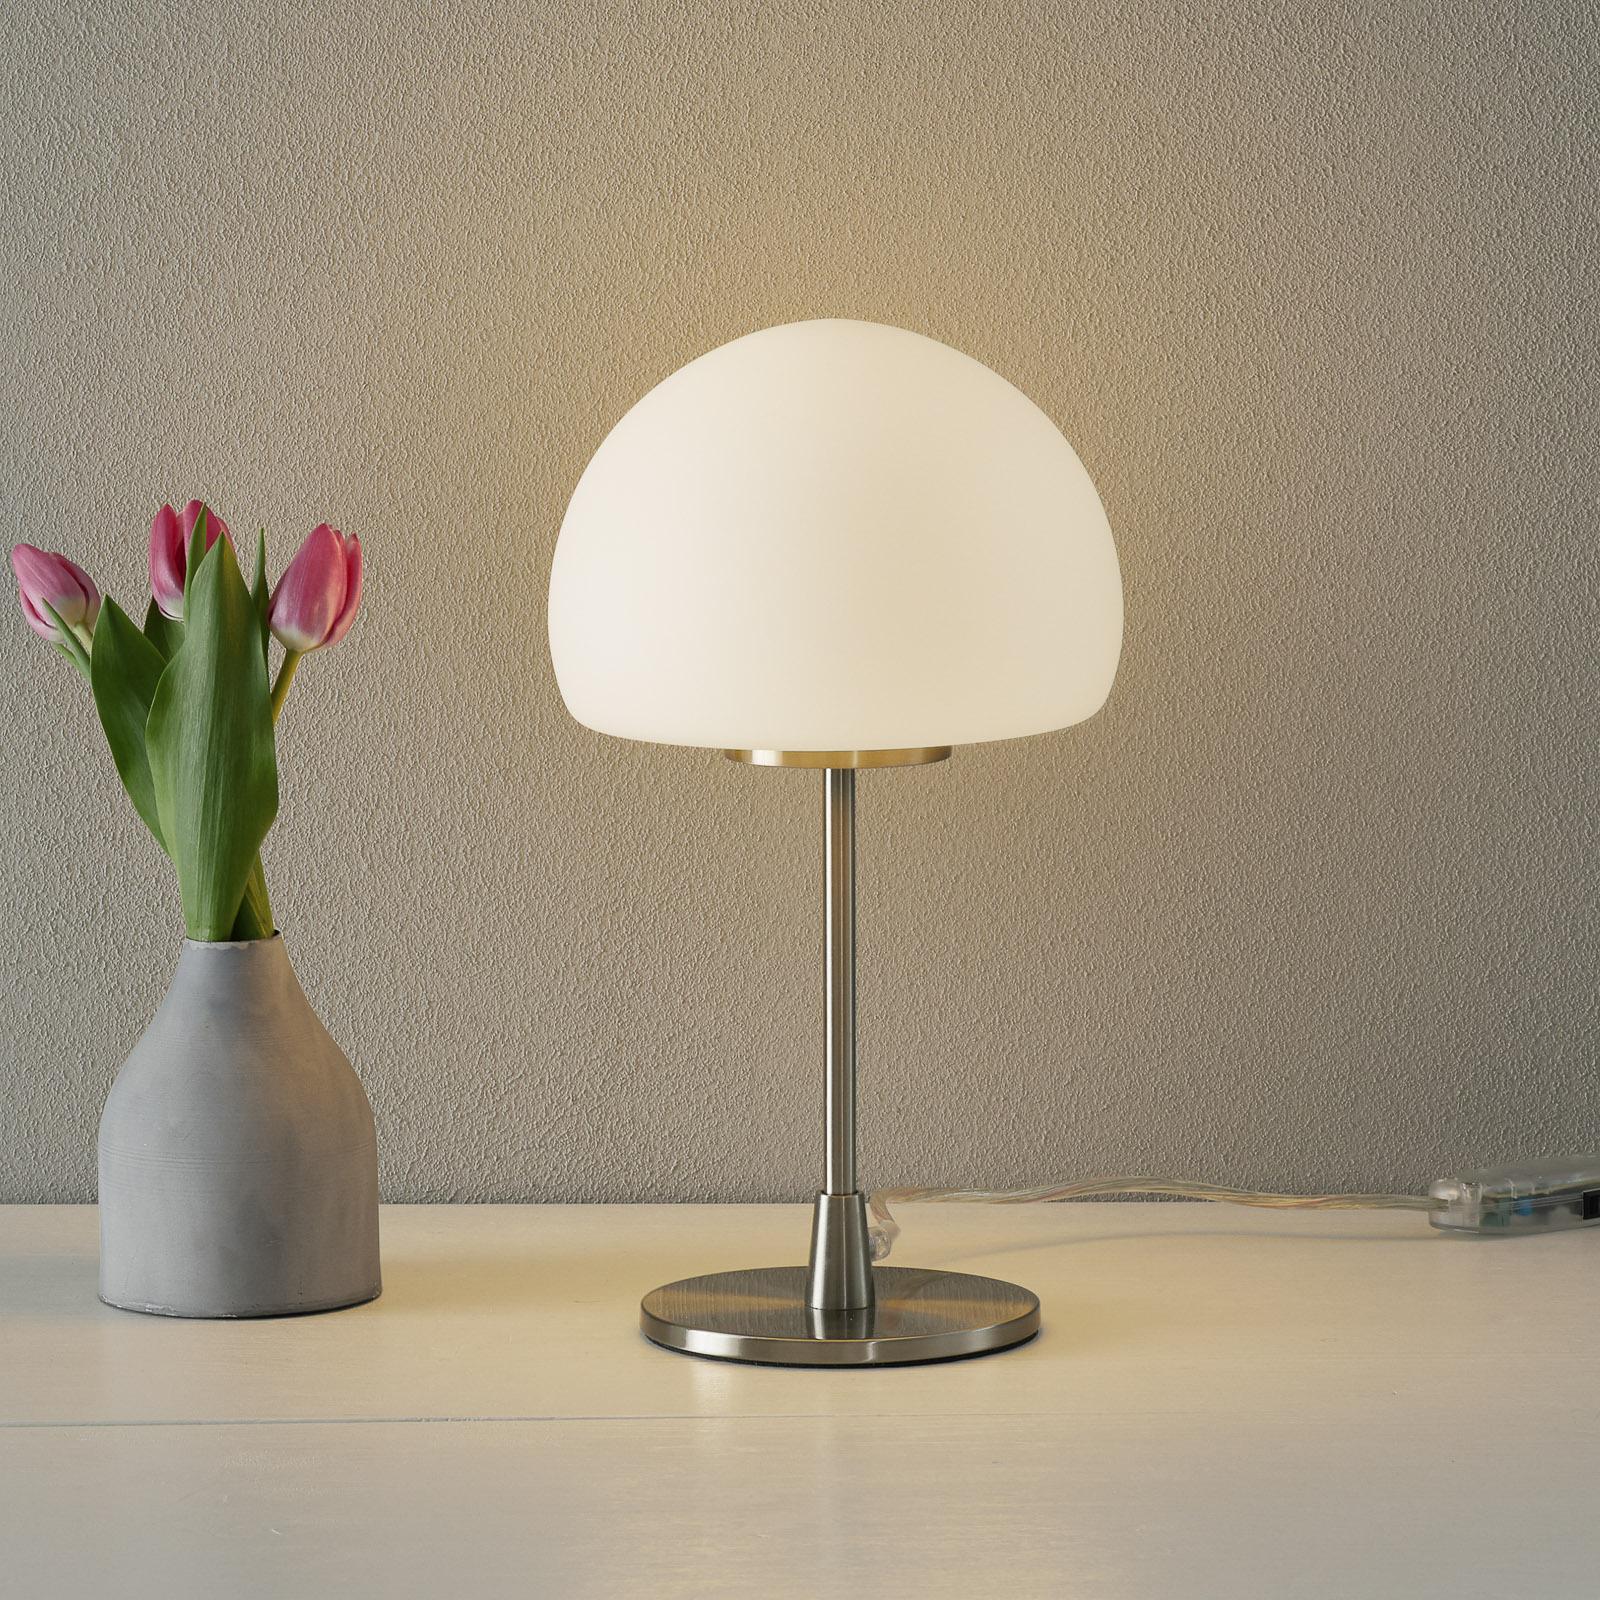 Tafellamp Gaia Big met touchfunctie, wit